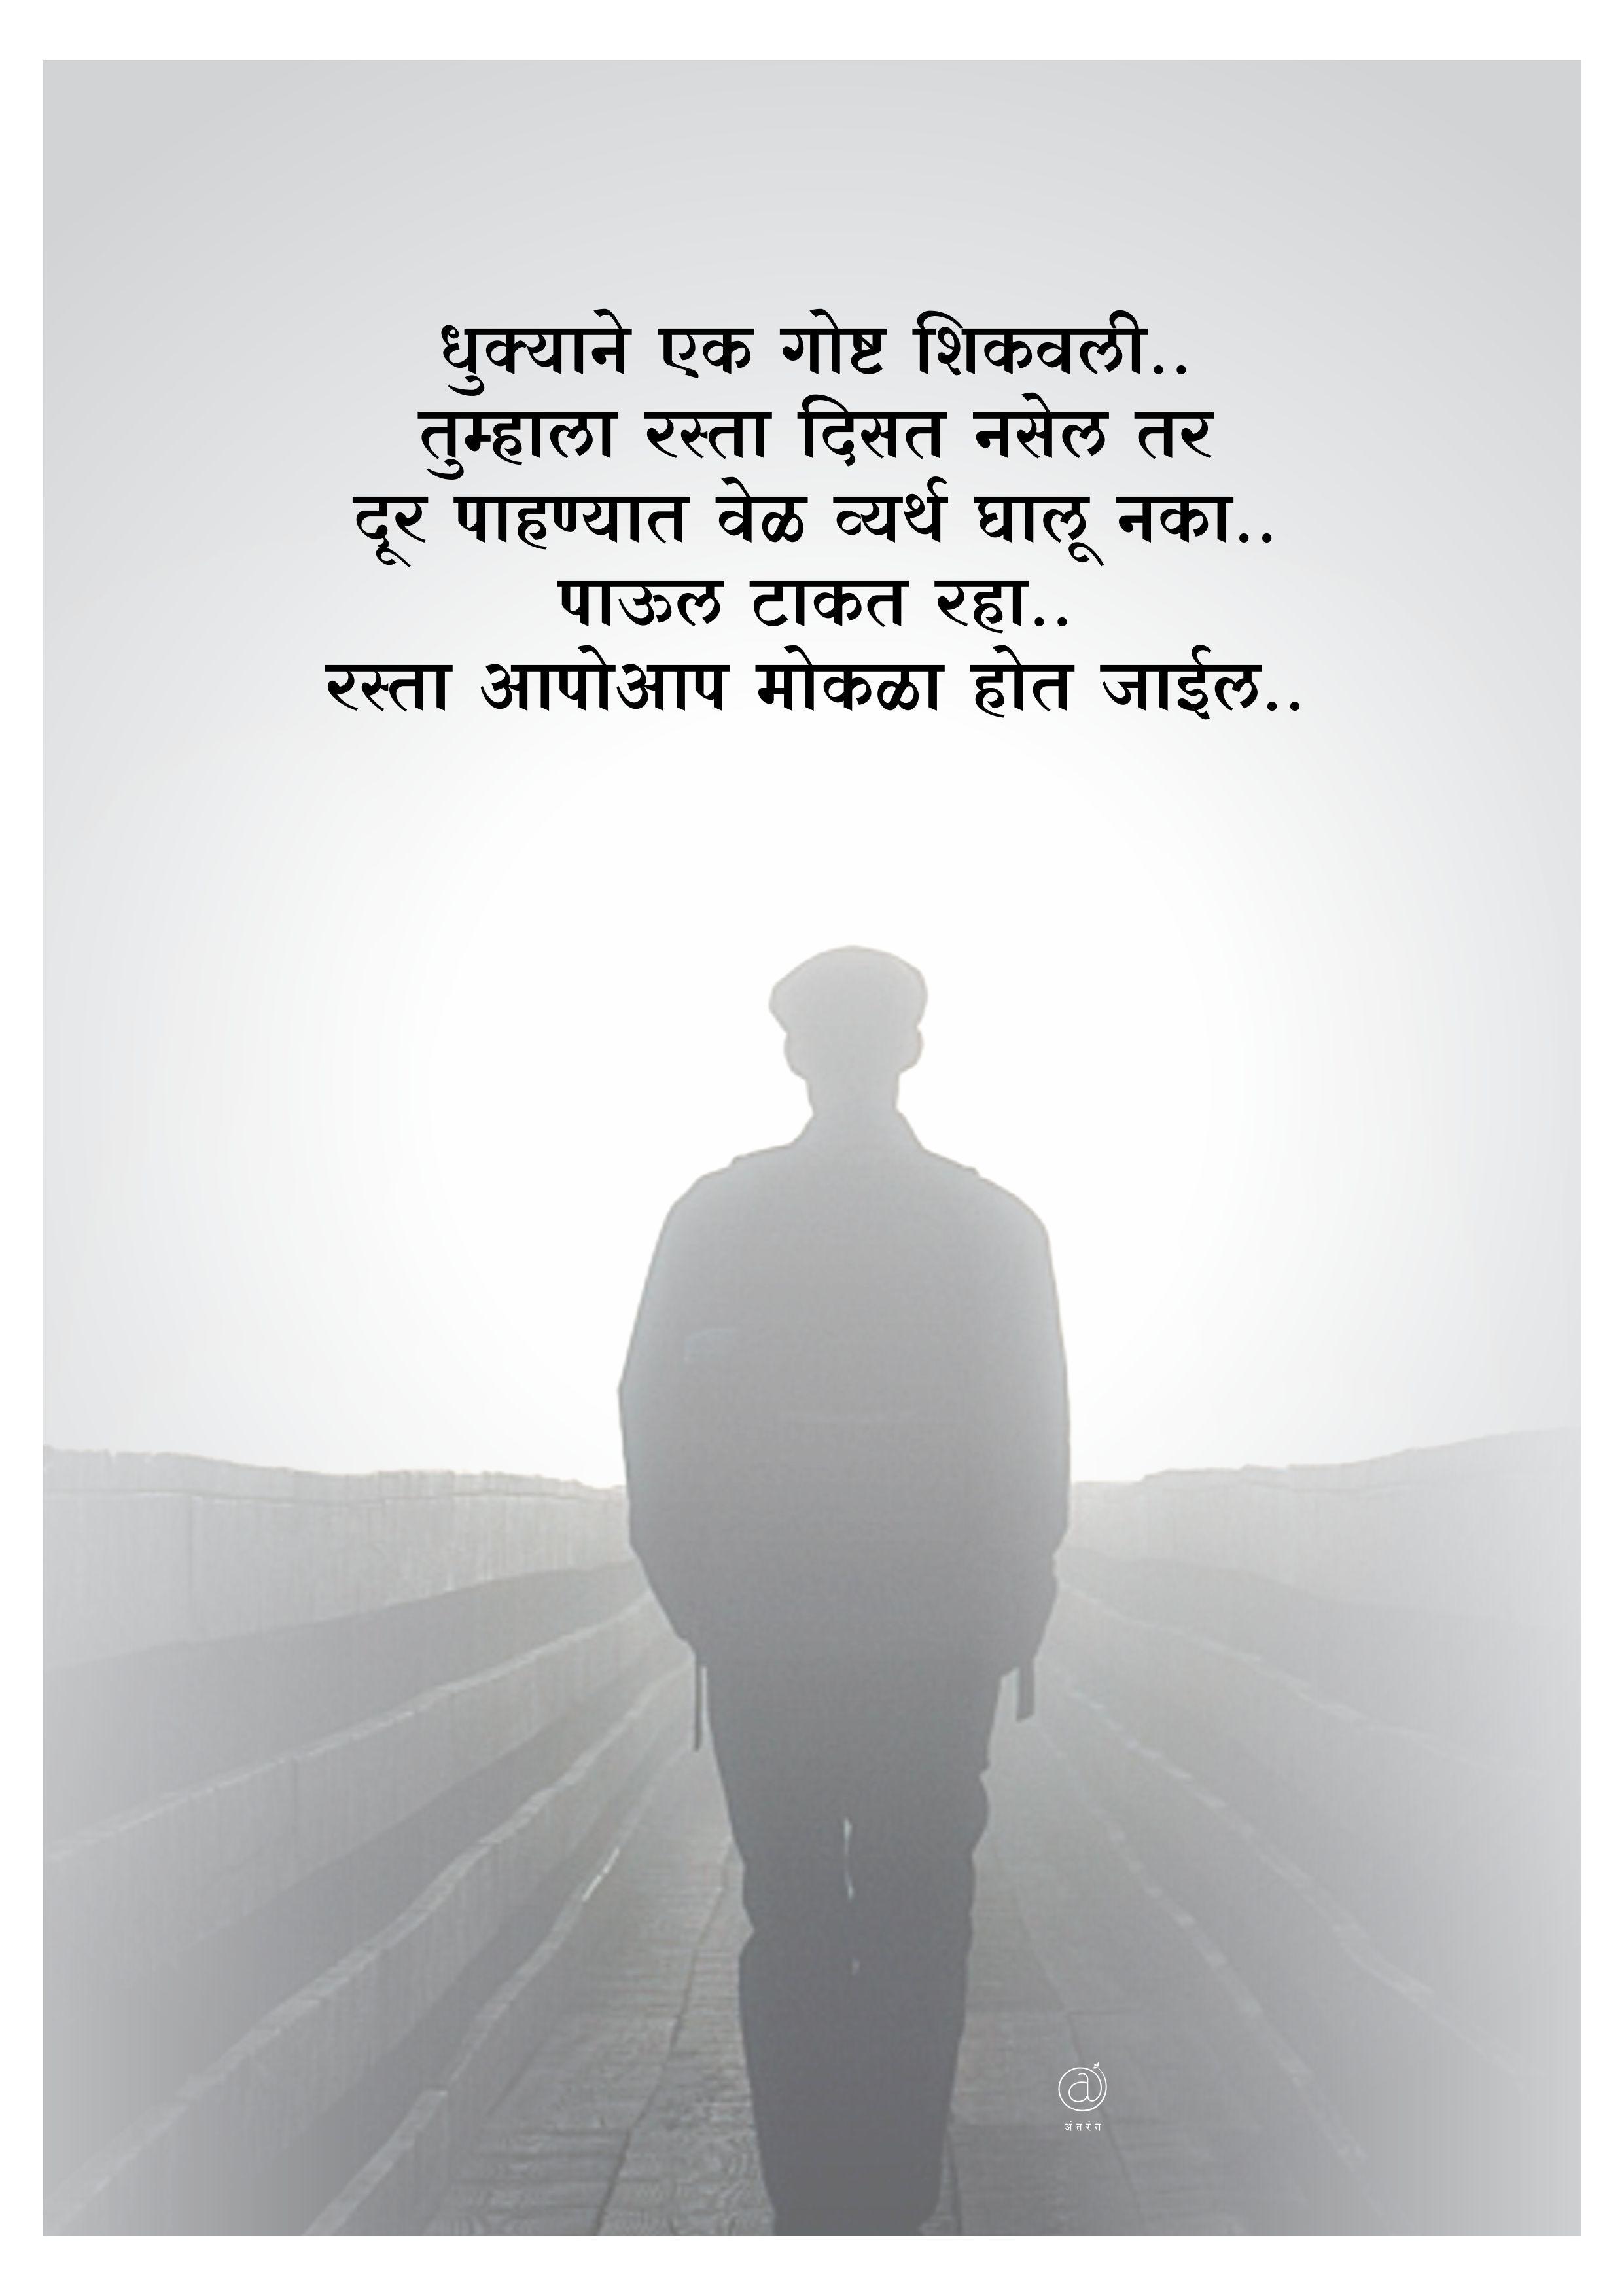 Marathi Quotes image by Nilesh Gitay Marathi quotes